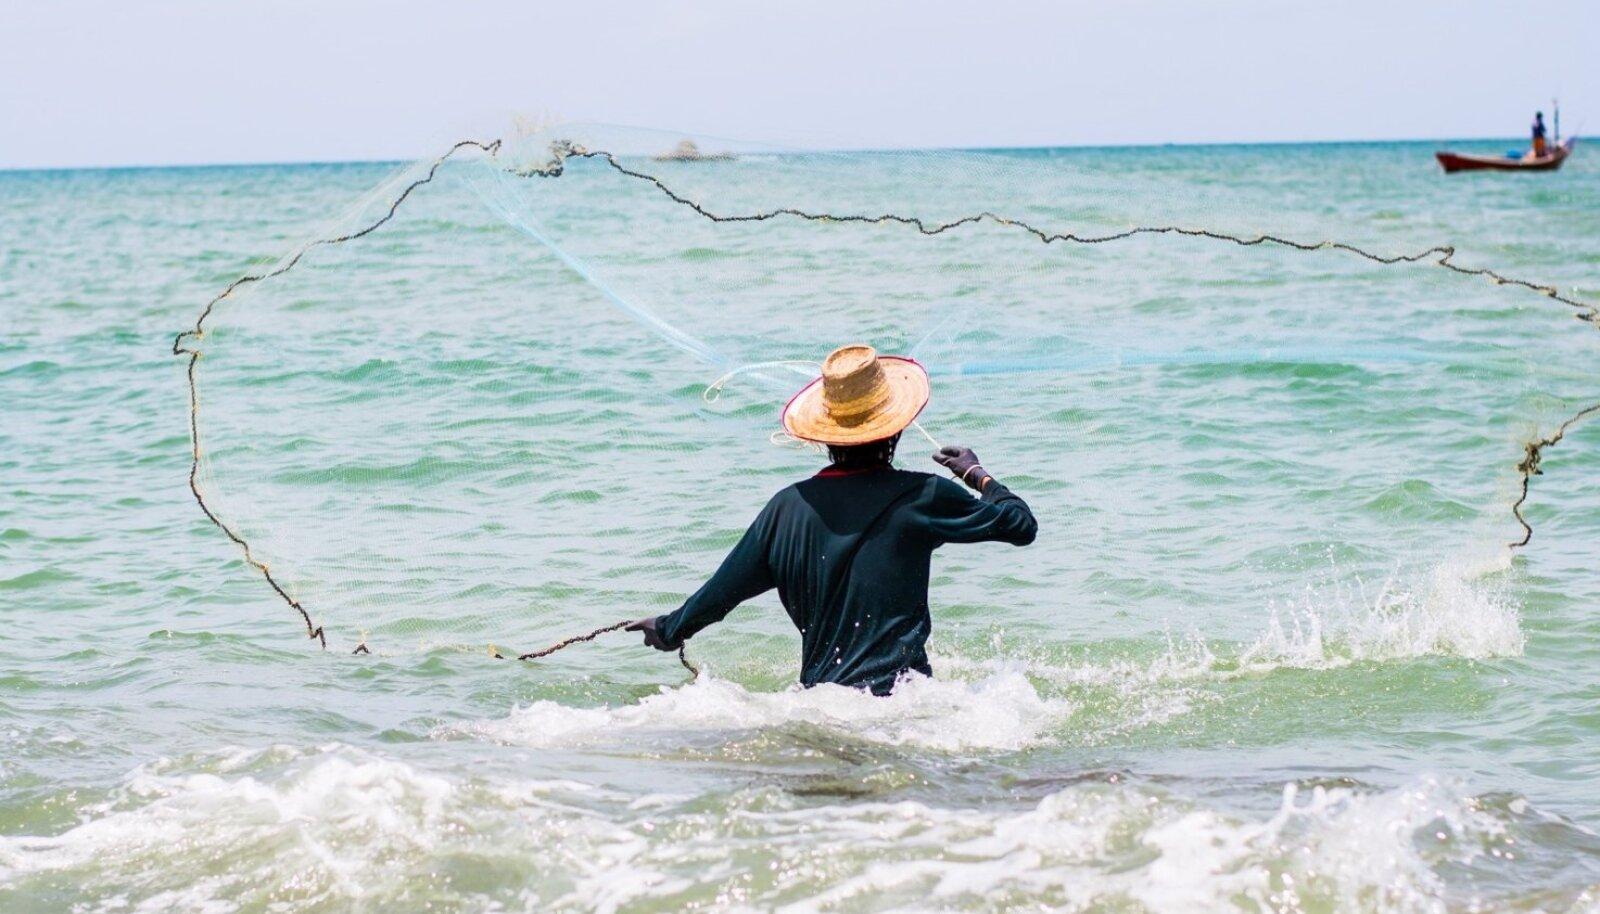 Elu Mauritiusel on lihtne. Mehed kalastavad (viis hommikutundi merel ja pere on toidetud), naised töötavad tekstiilitehastes ning lapsed jooksevad karjakaupa tänavatel valgete turistide autode sabas.